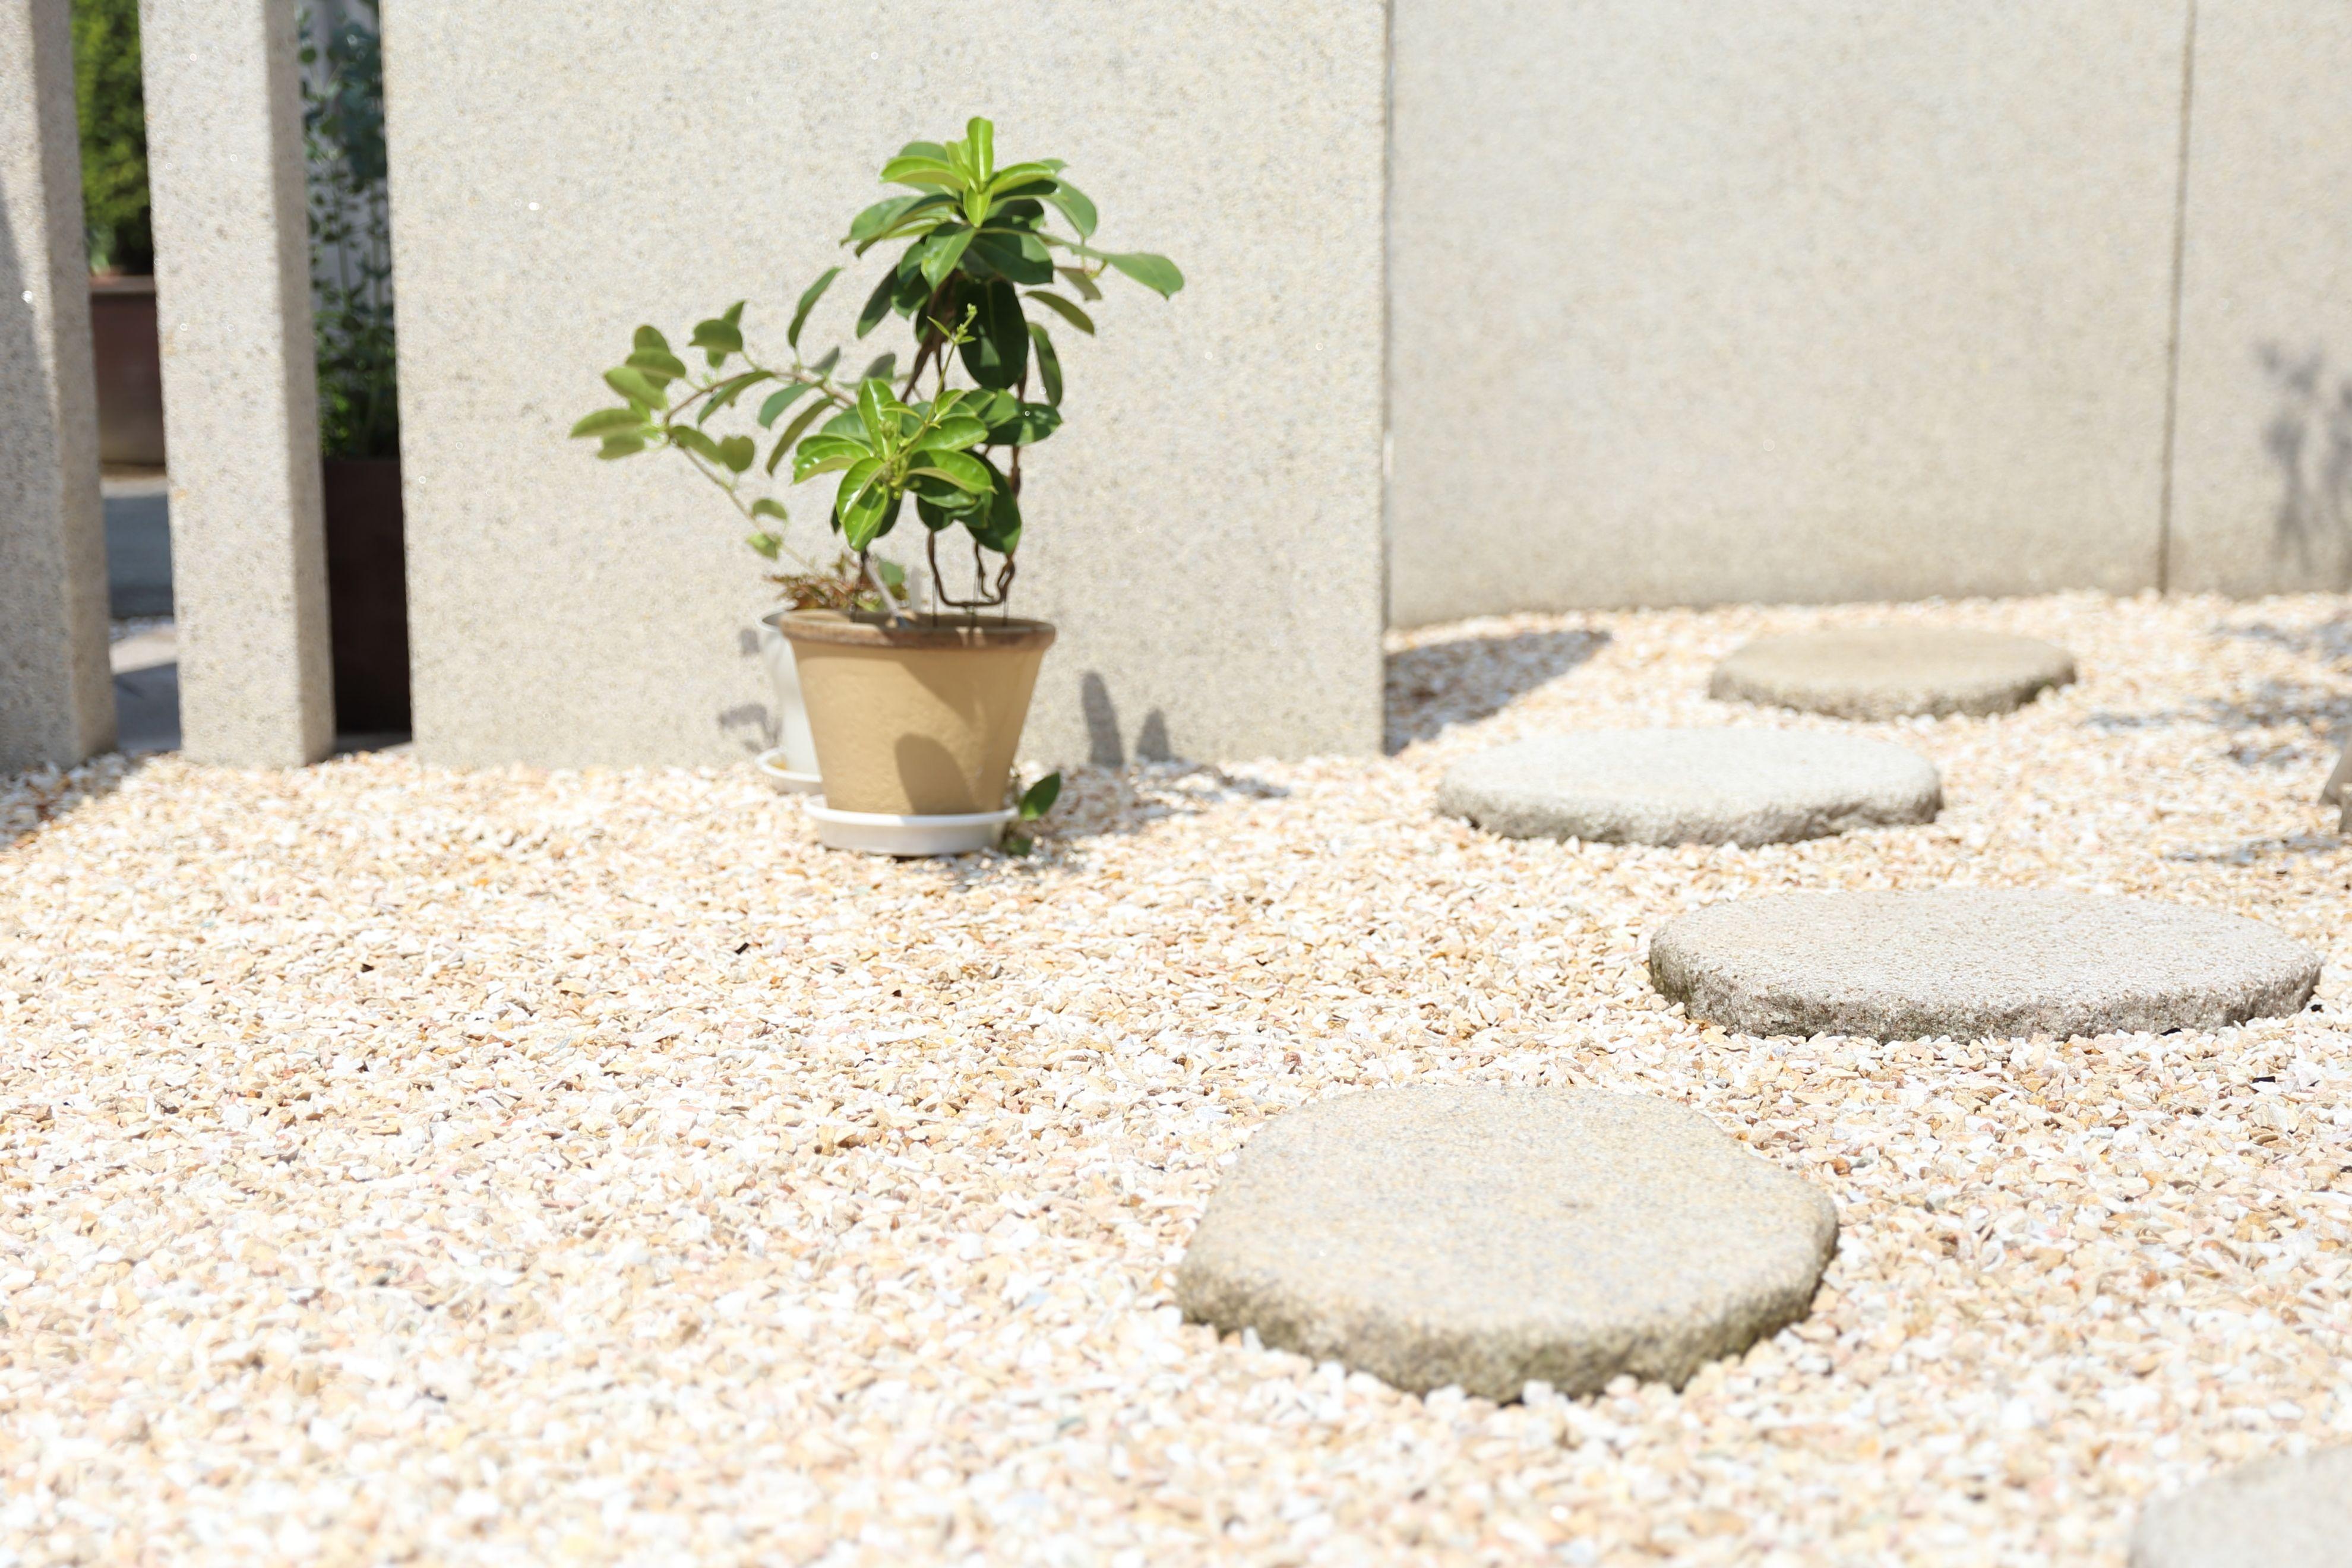 庭 お庭 ガーデニング 砂利 飛び石 植物 エクステリア 外構 庭から考える家づくり 庭のある暮らし Garden House Home 庭 飛び石 庭 庭 砂利